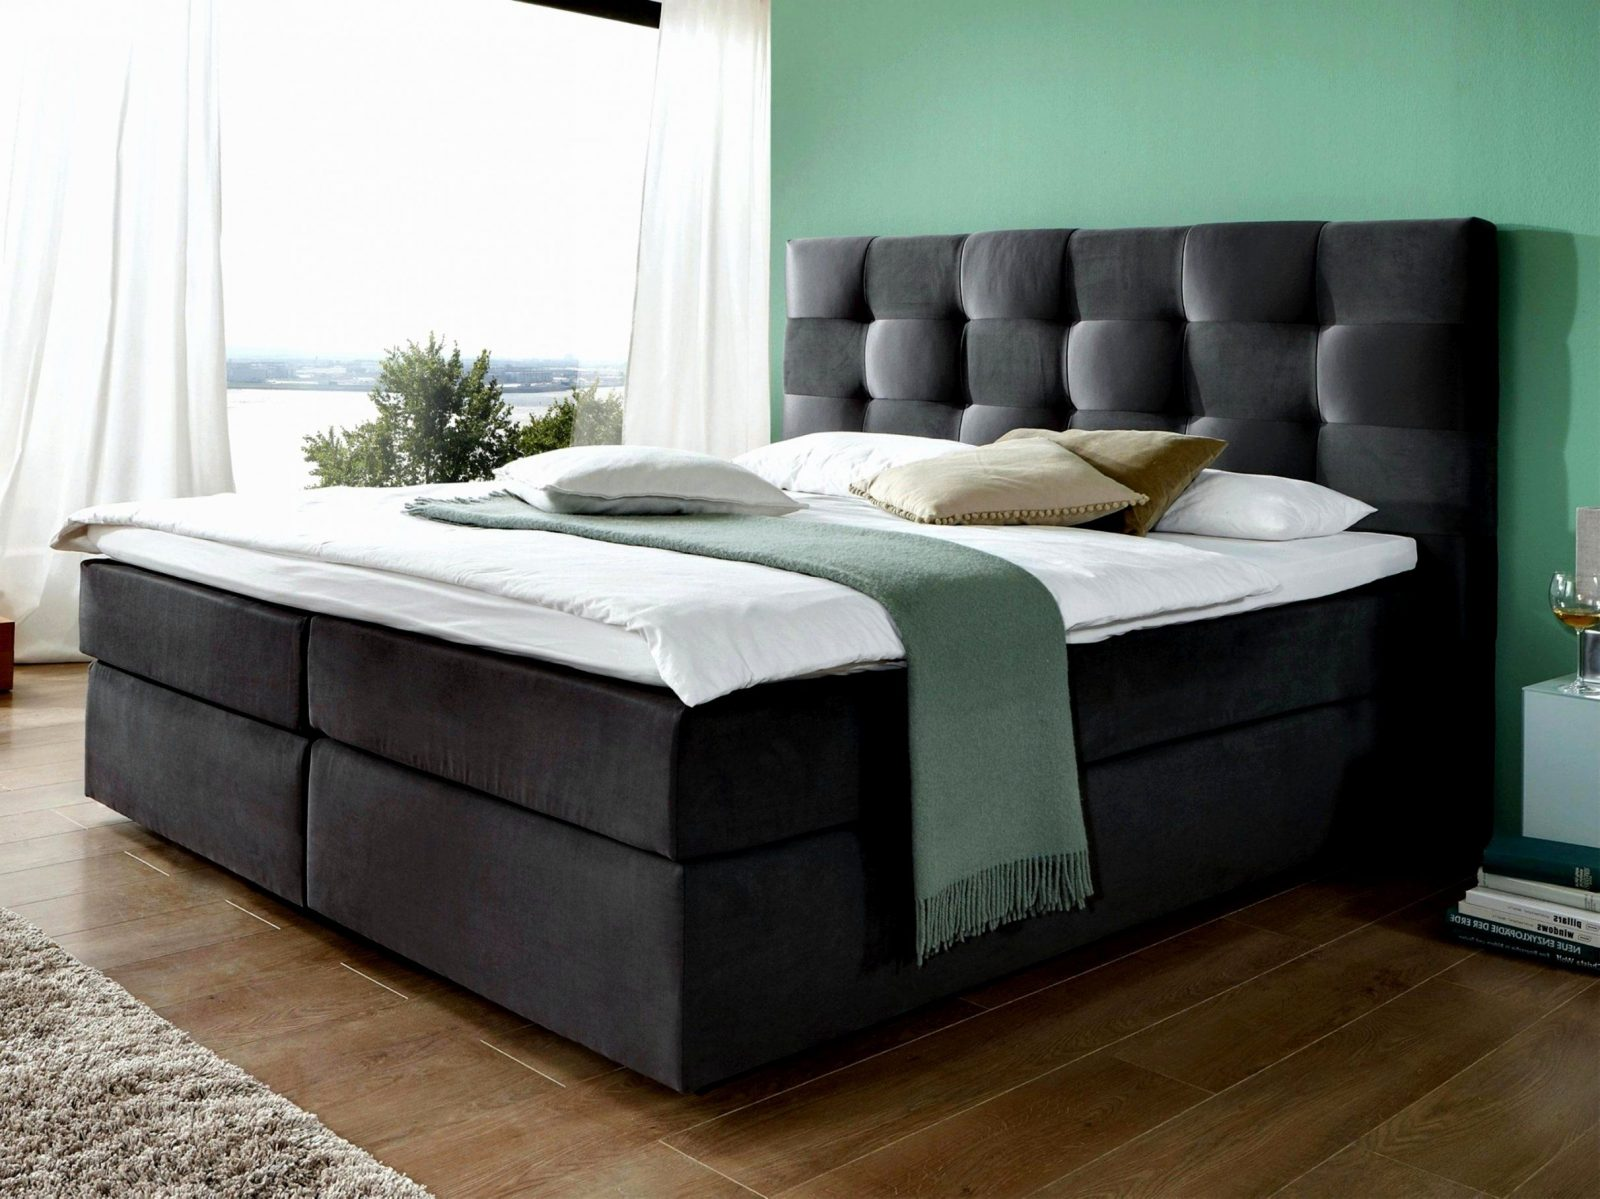 Poco Schlafzimmer Komplett Einzigartige Neueste Atemberaubend Von